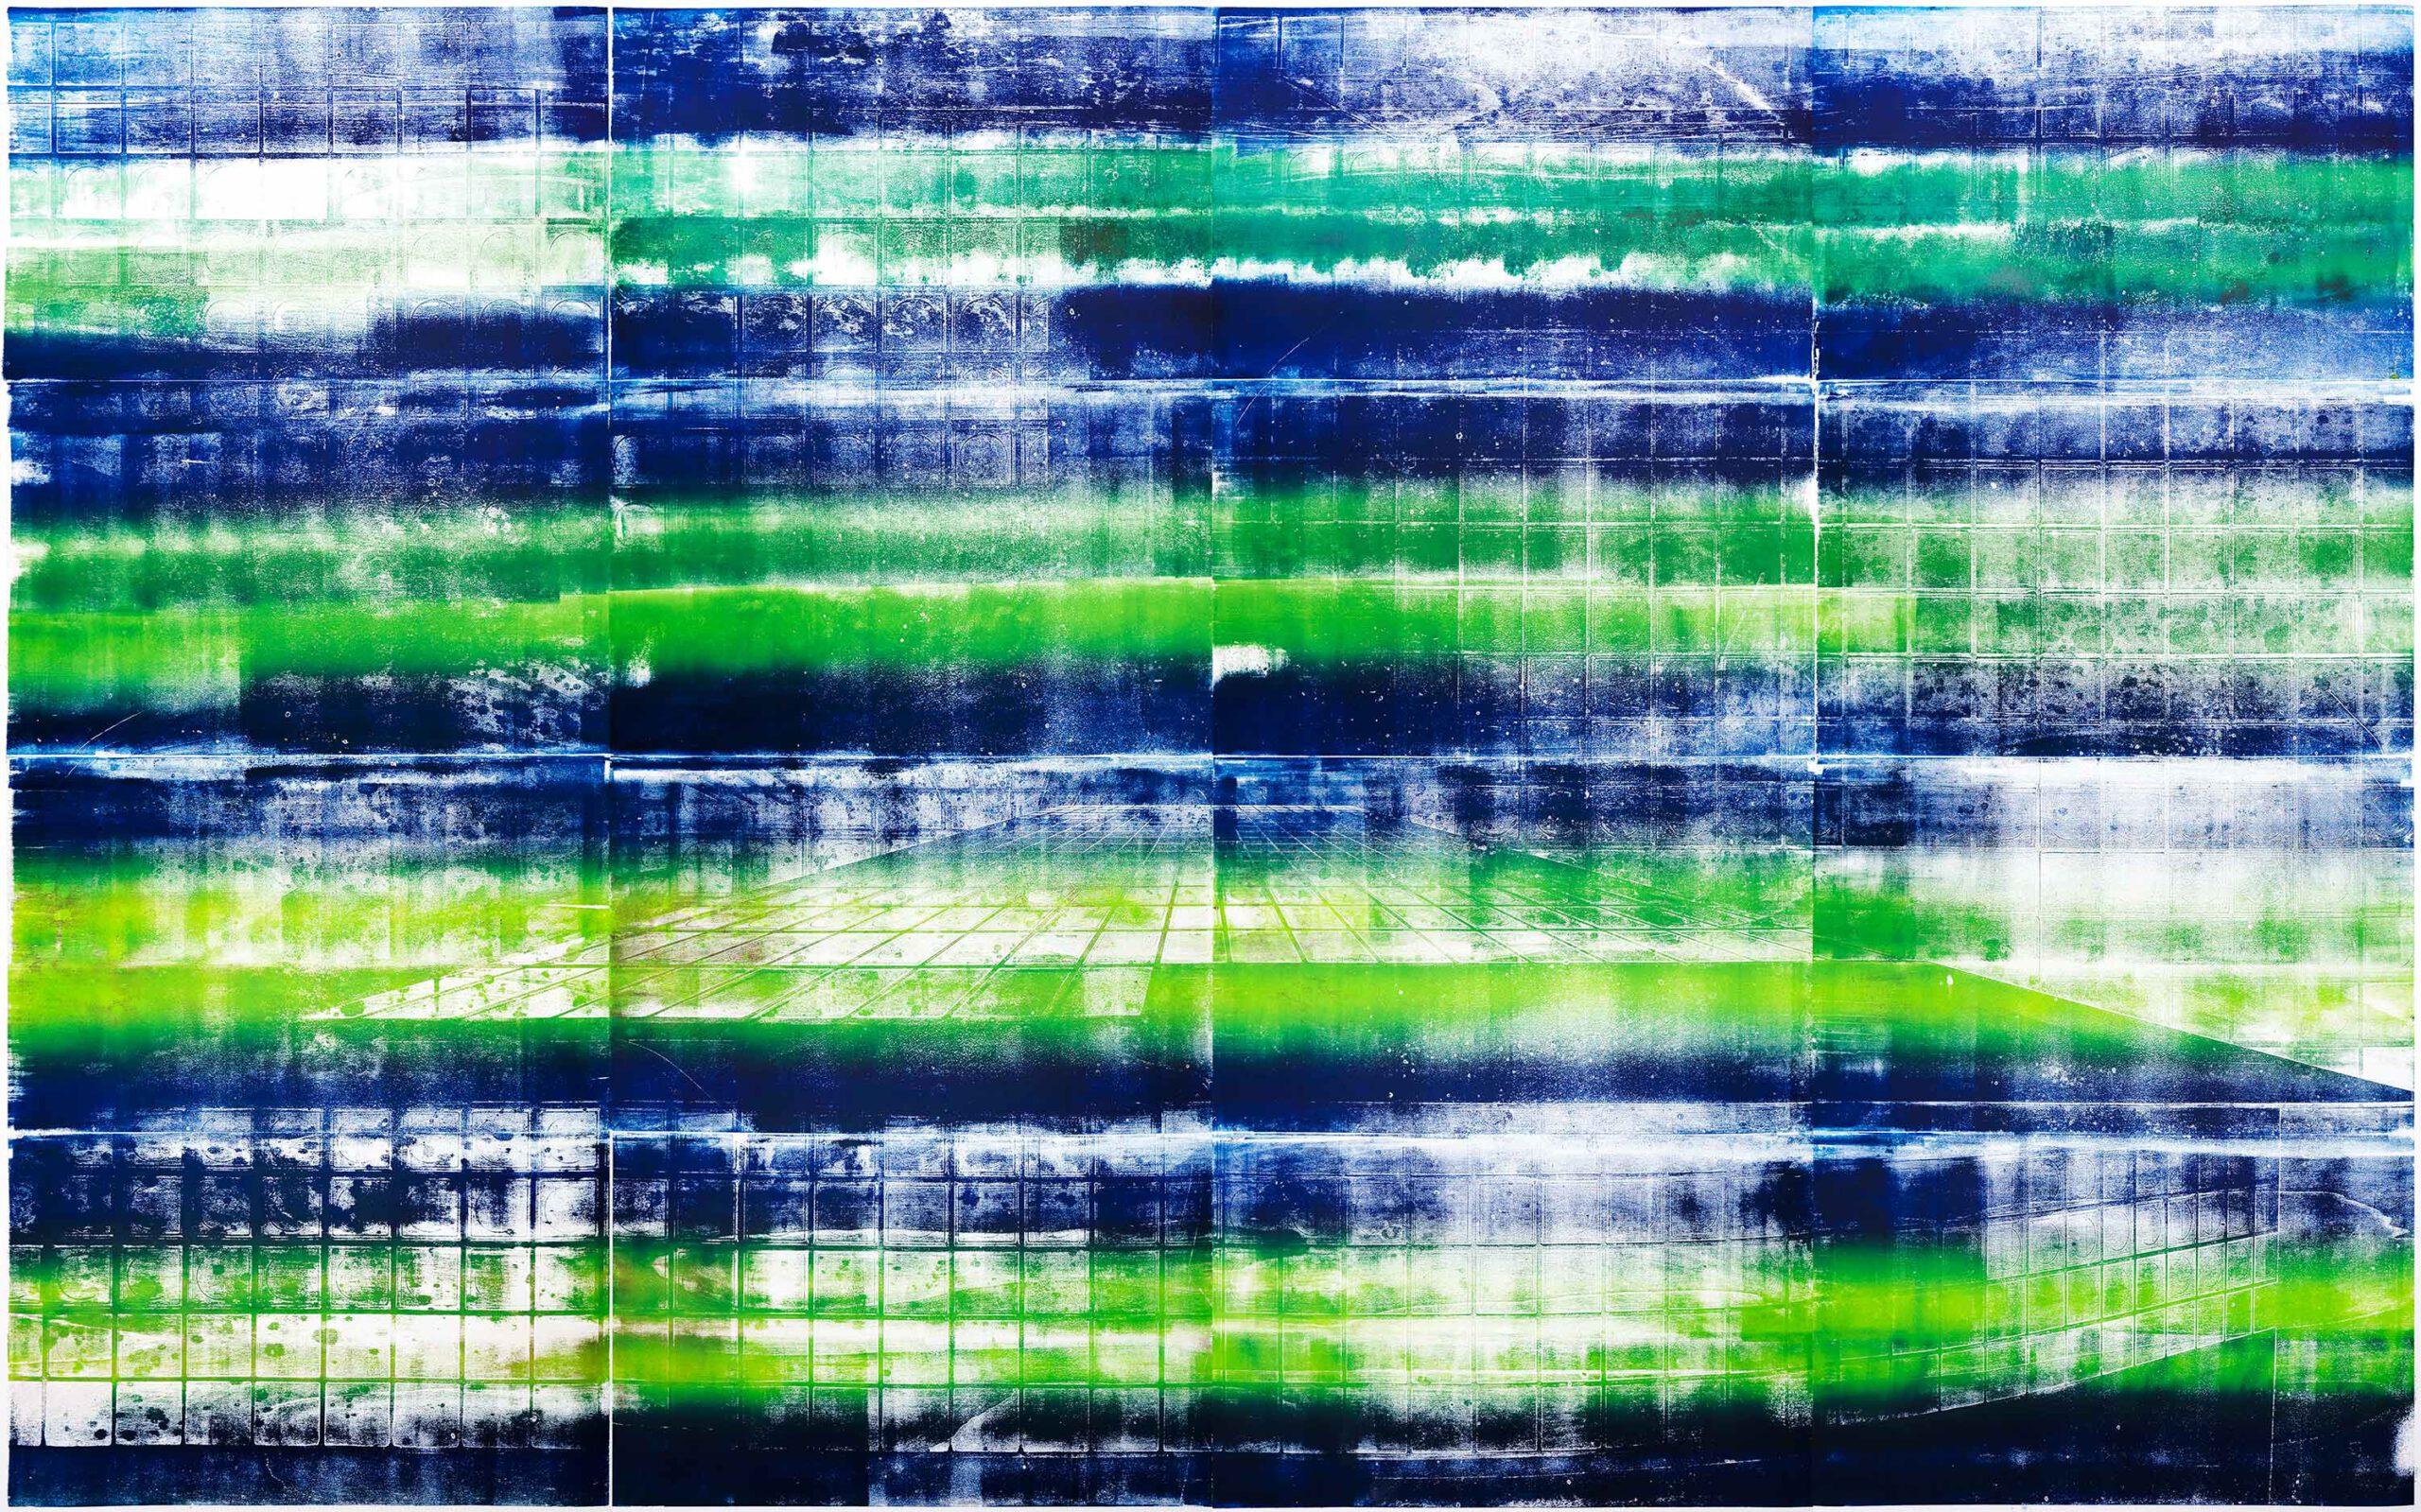 Wellen, 2020, wood engraving, 252,8 x 392,2 cm